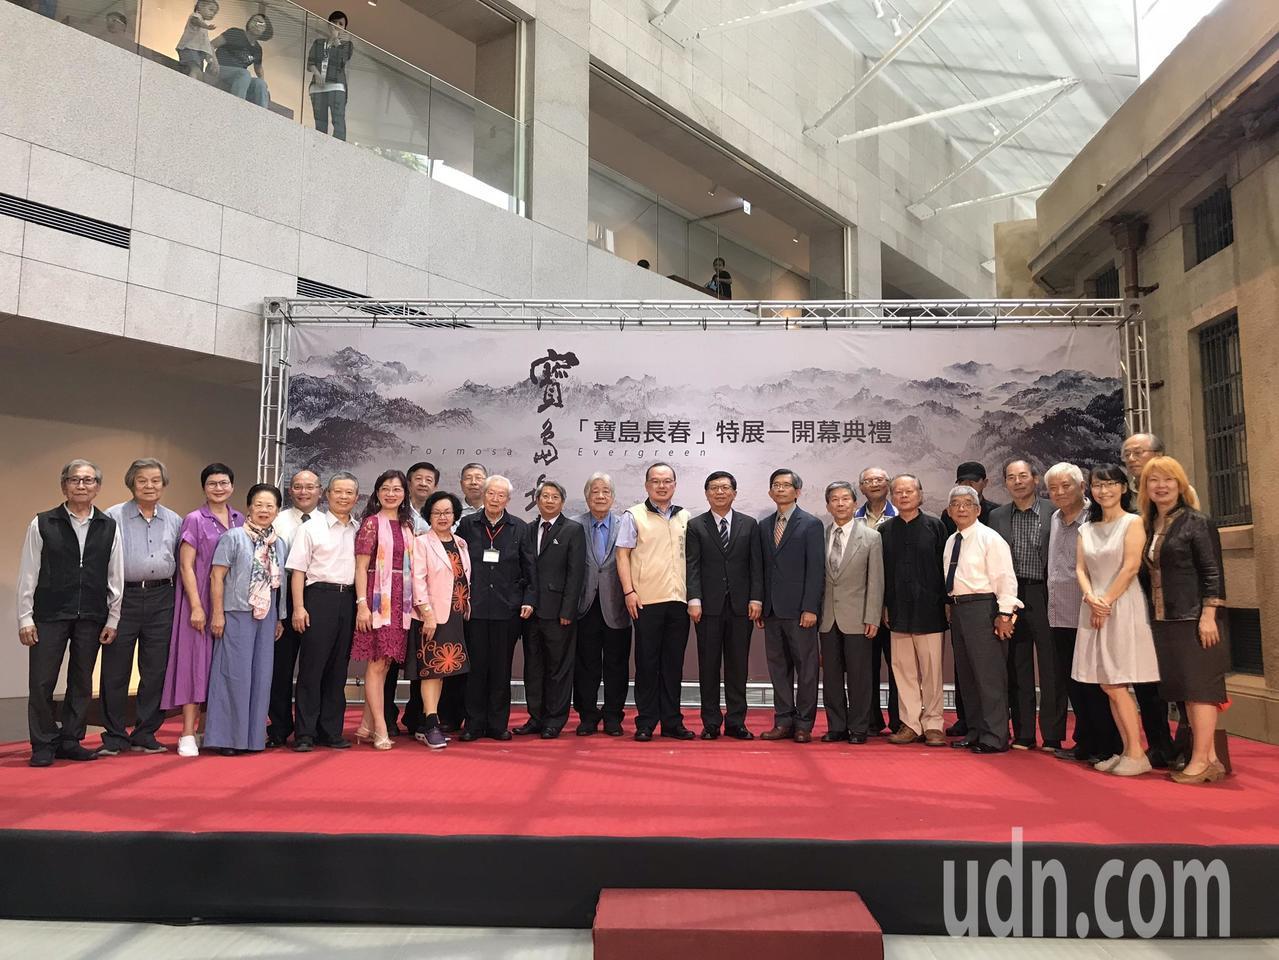 全長66公尺的「寶島長春」在台南美術館1館展出。記者鄭維真/攝影